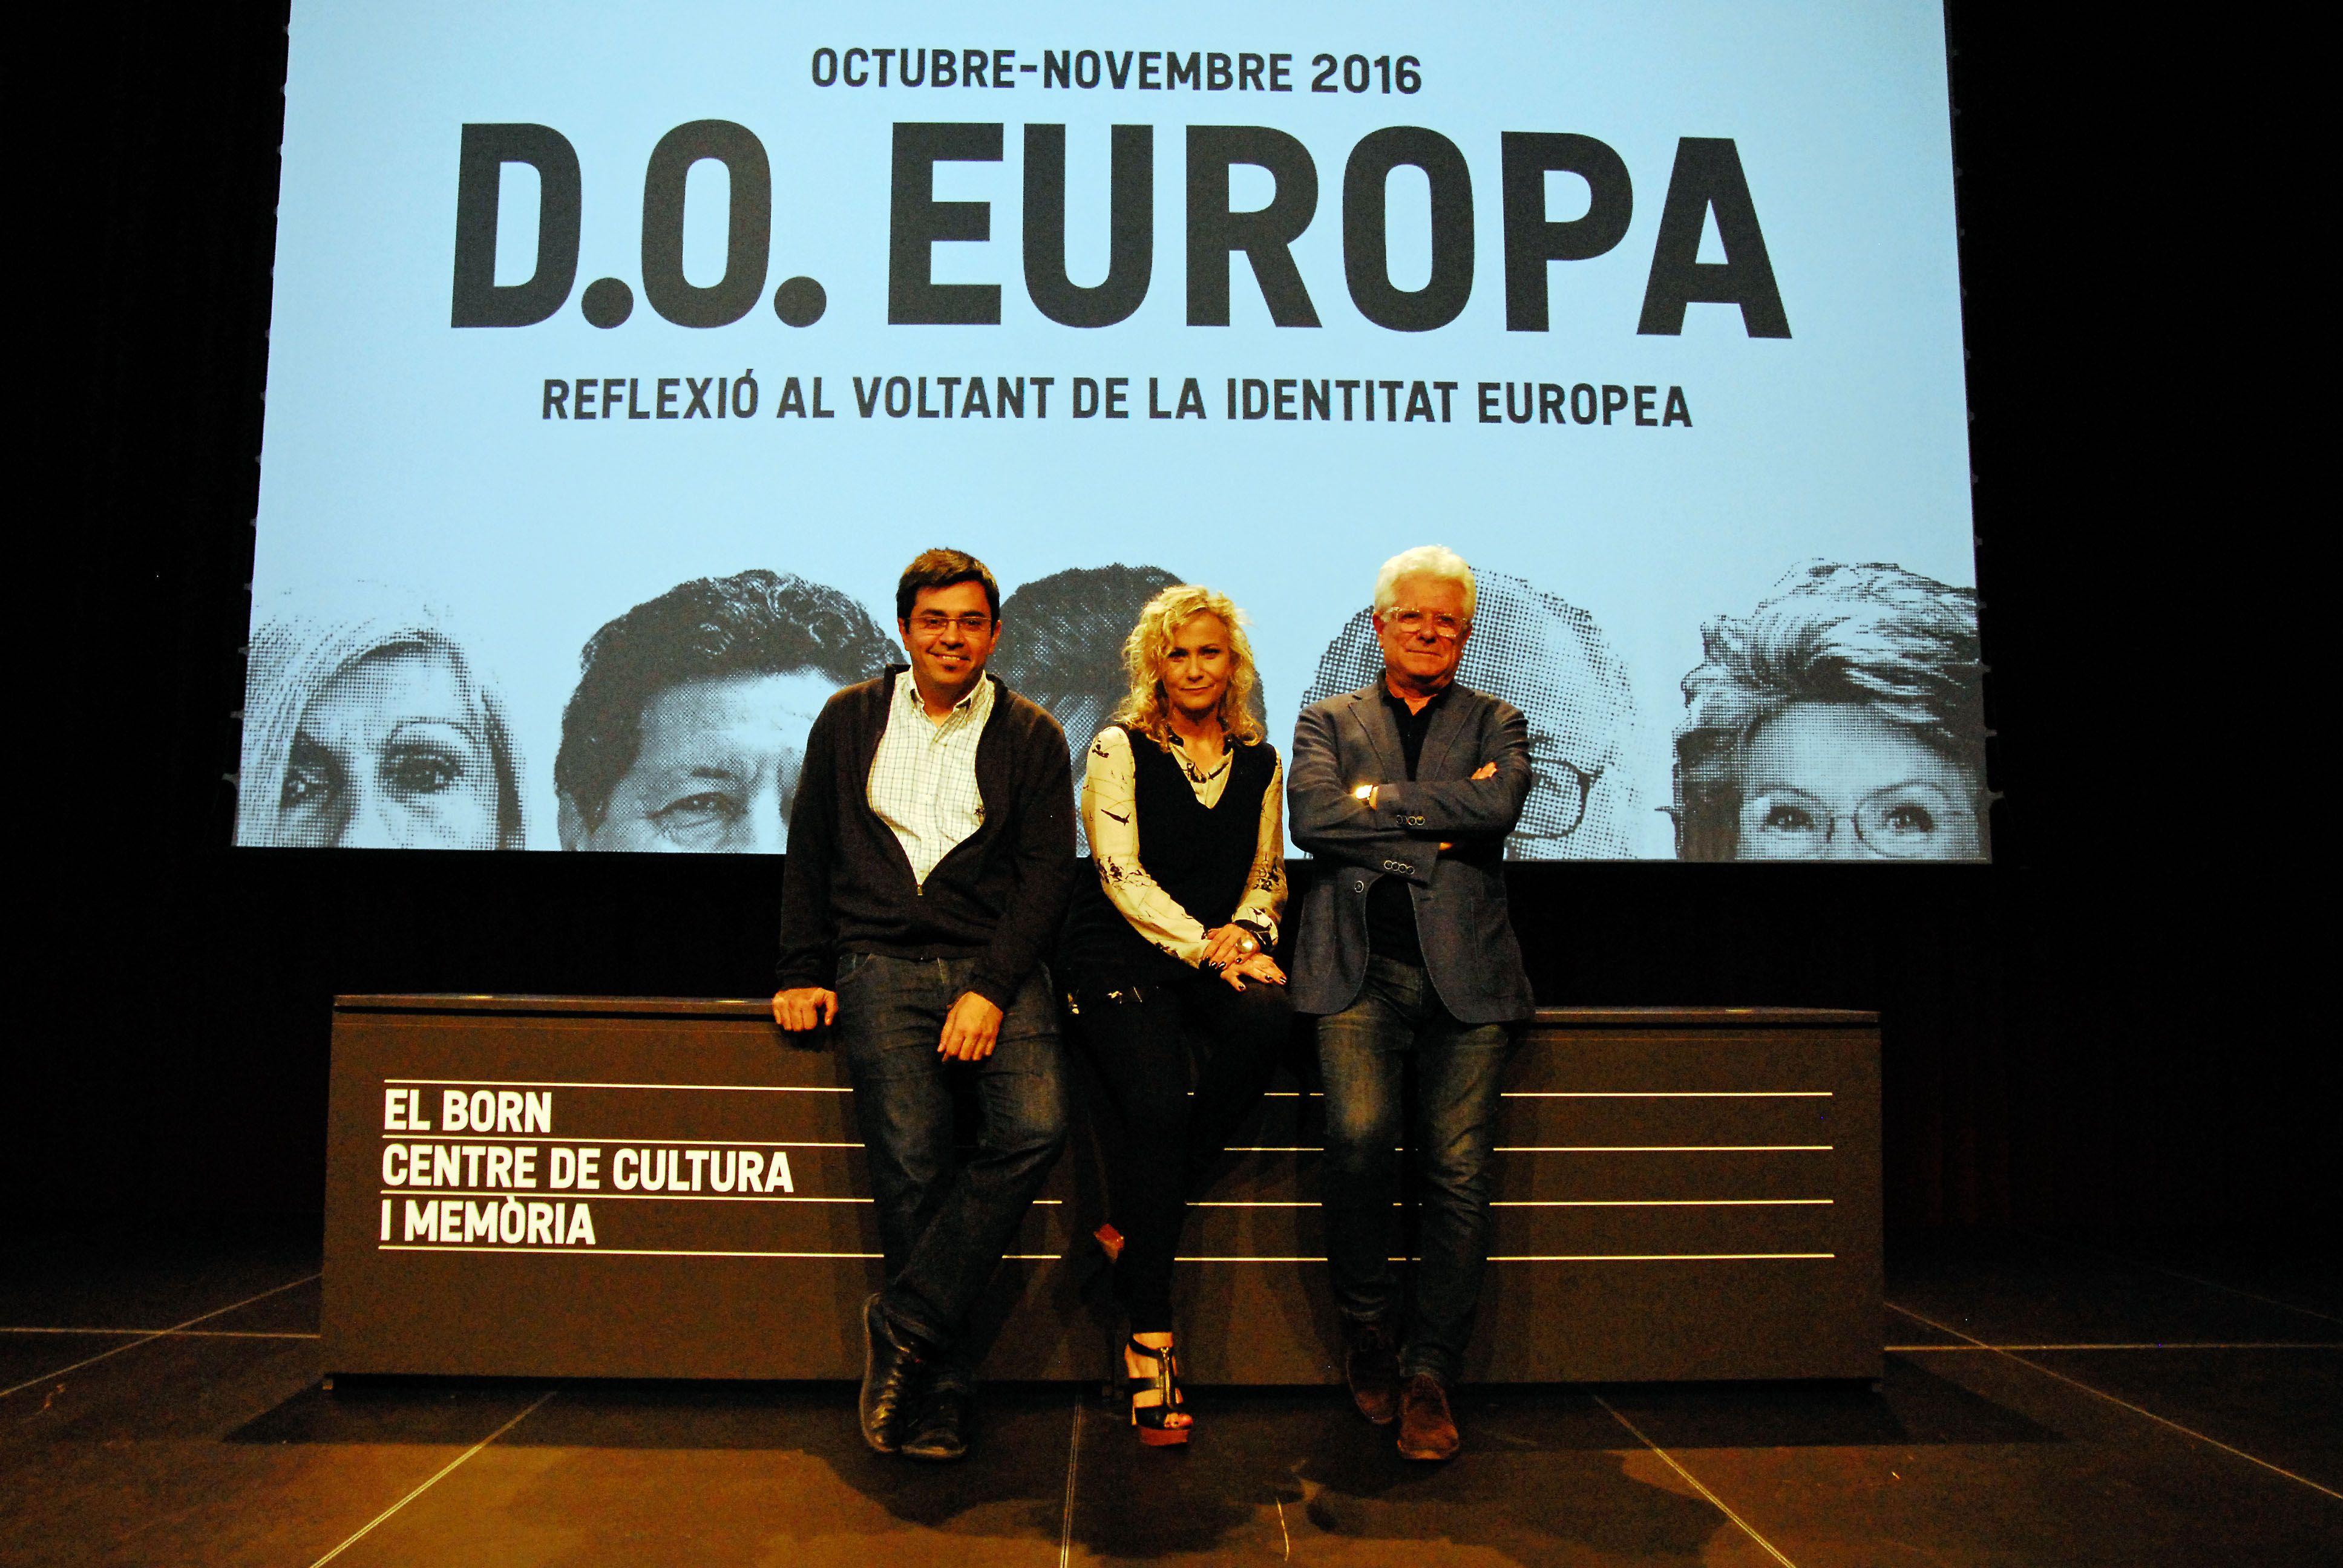 D.O. Europa